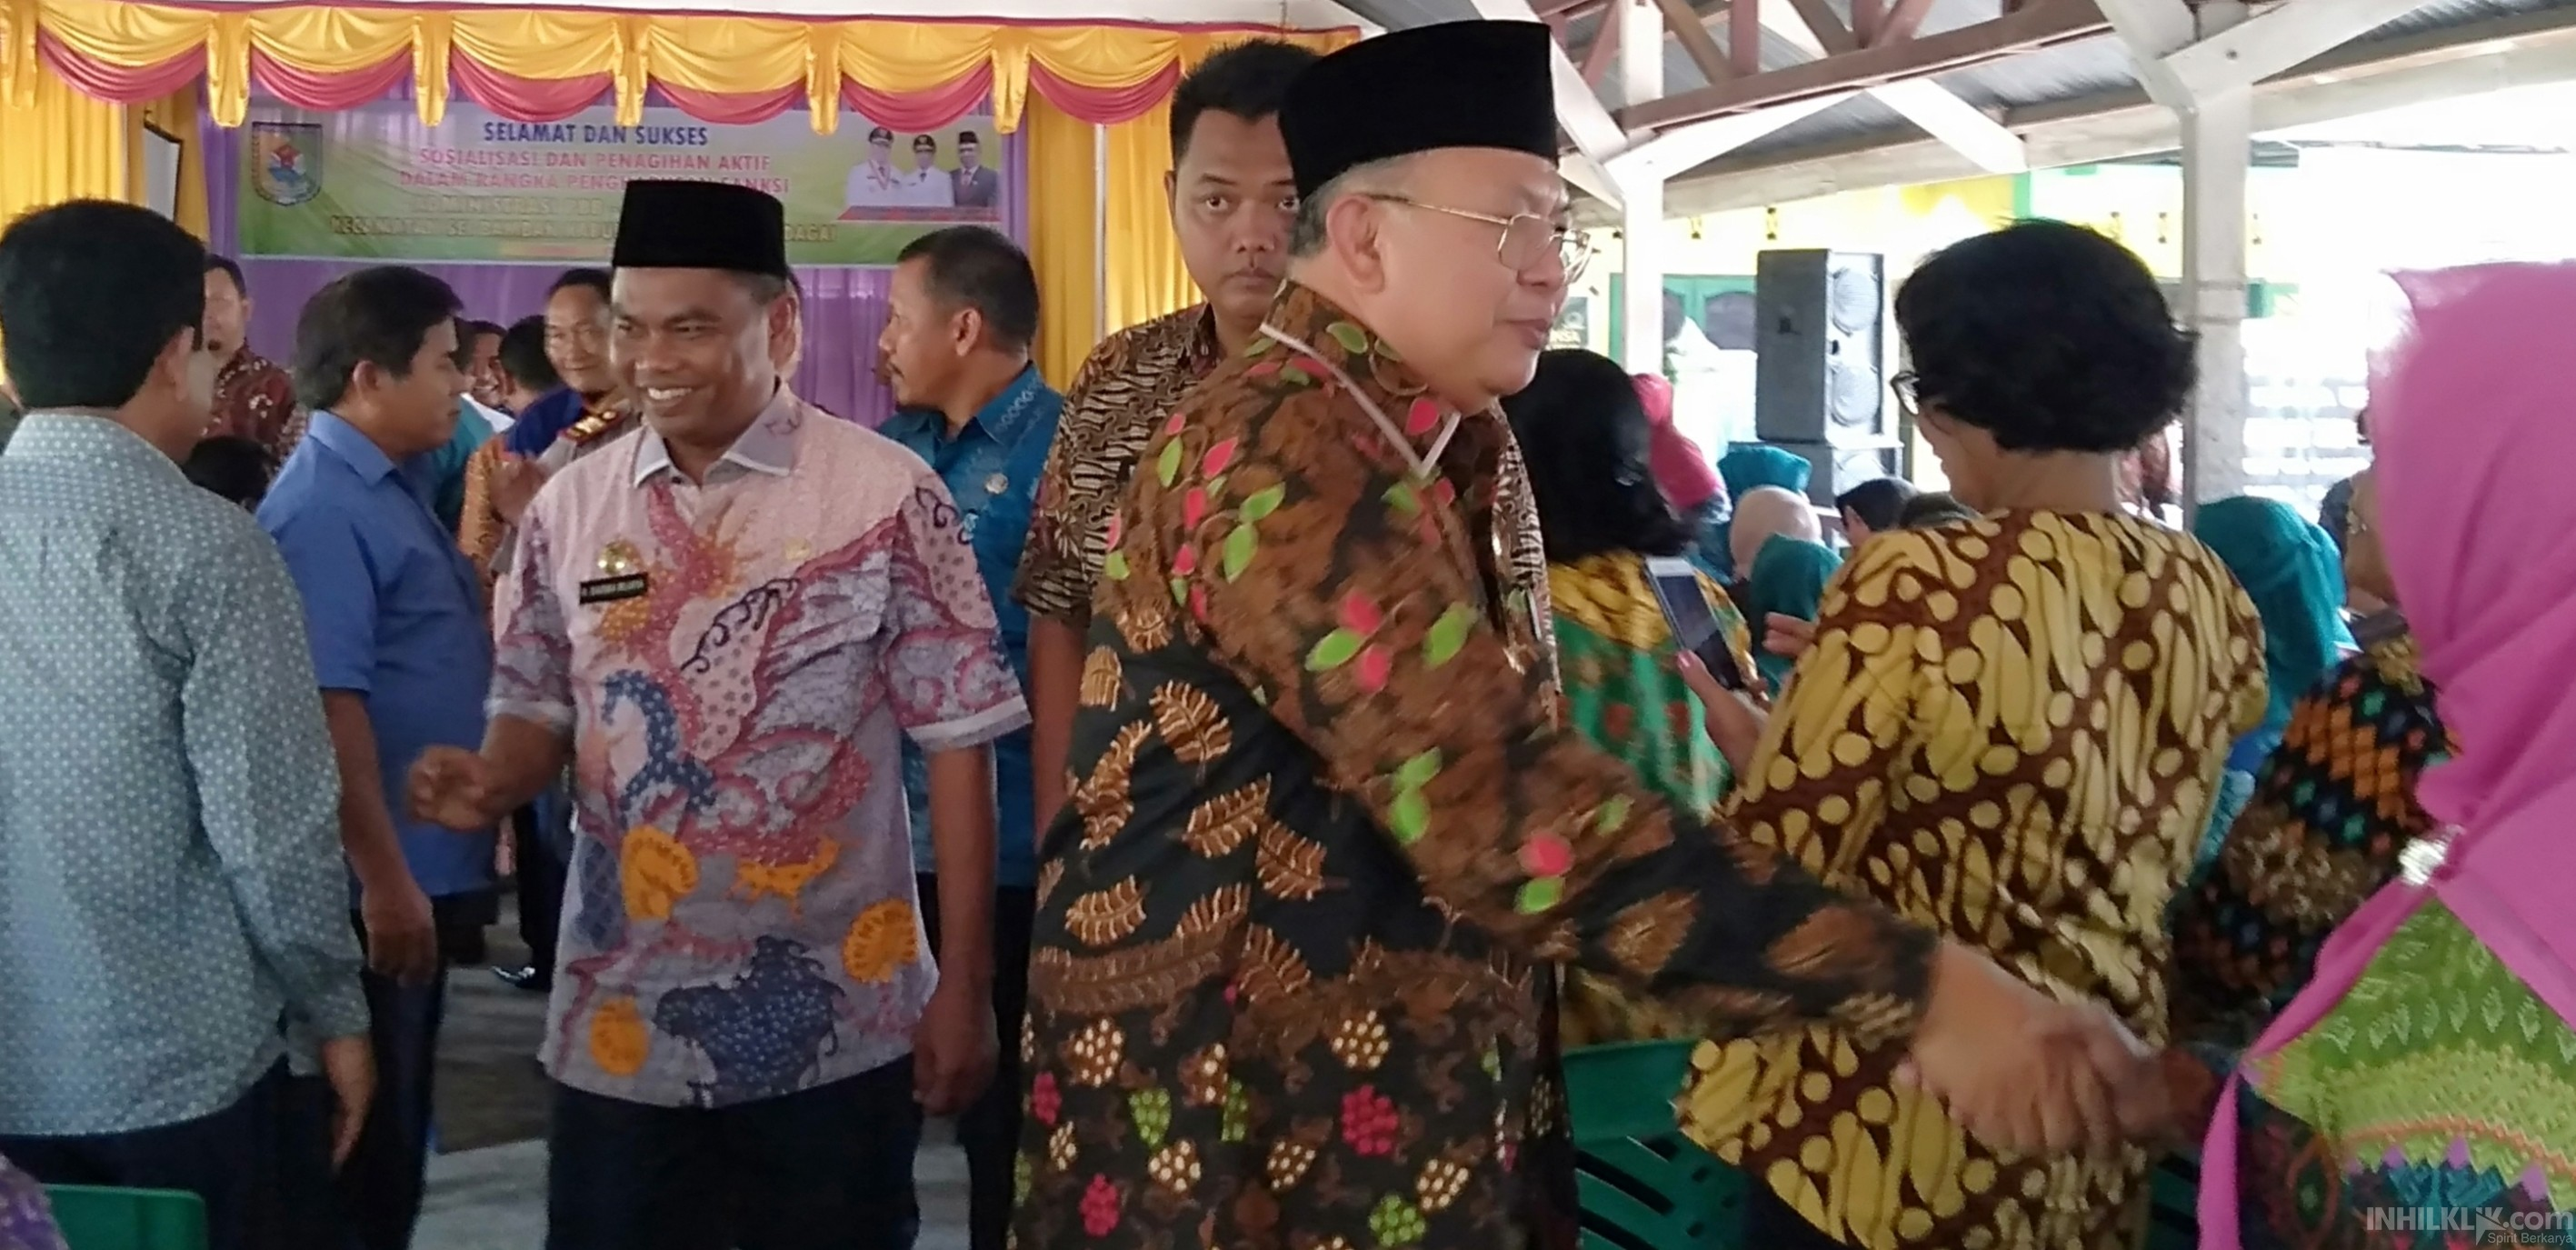 Jelang Pilkada 2020, Soekirman - Darma Wijaya Tetap Bersama Atau 'Bercerai' ?